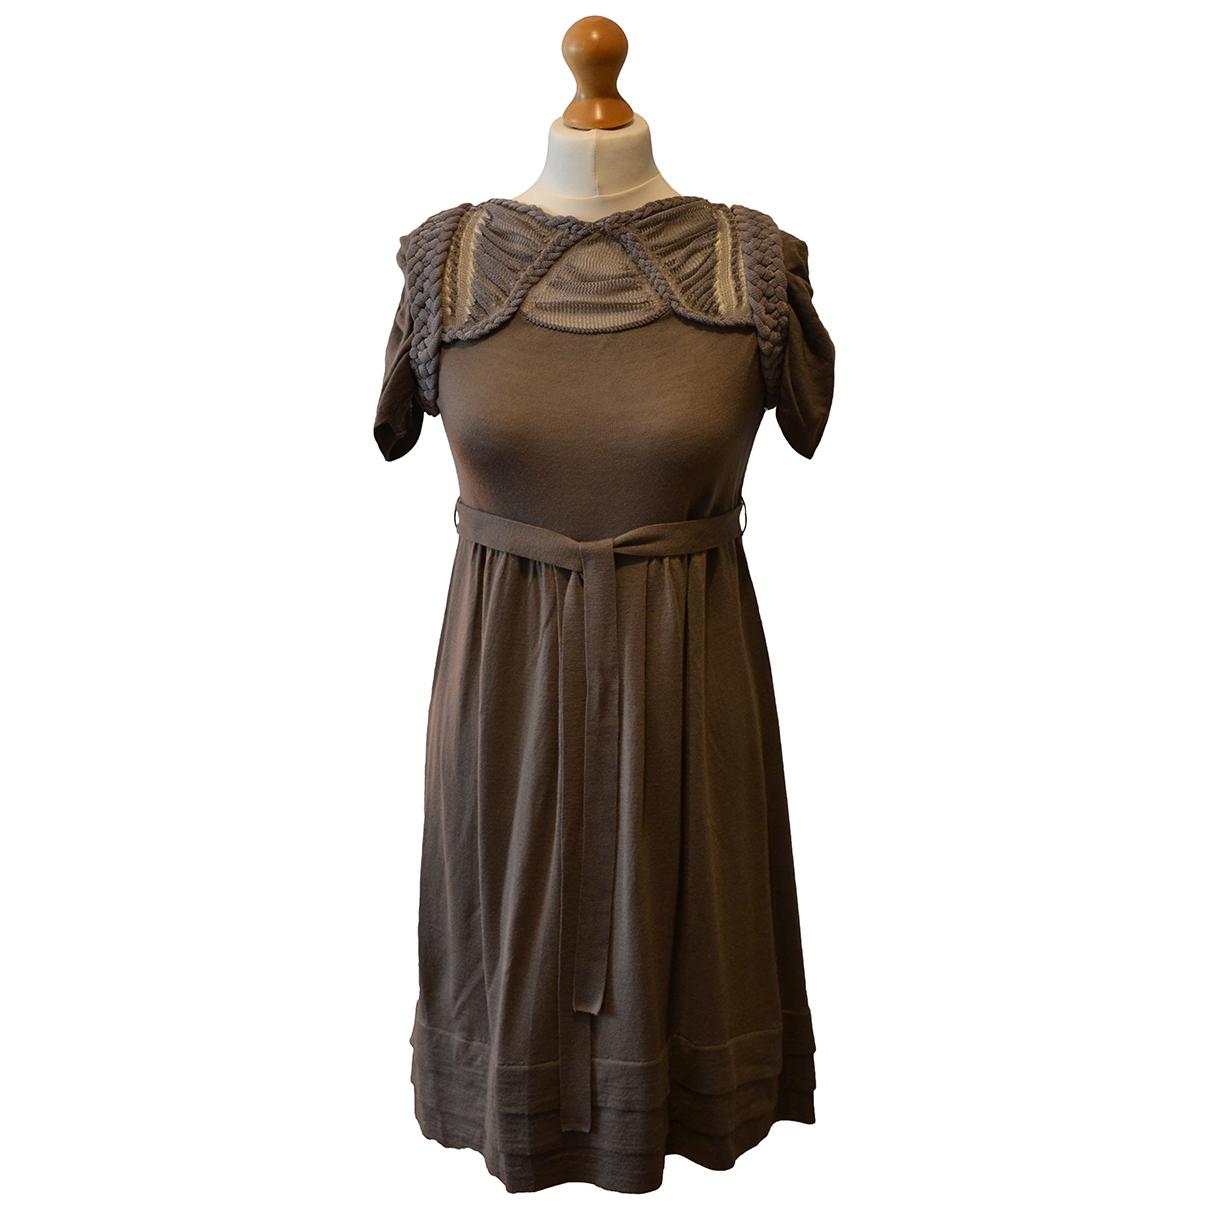 Hoss Intropia - Robe   pour femme en laine - beige